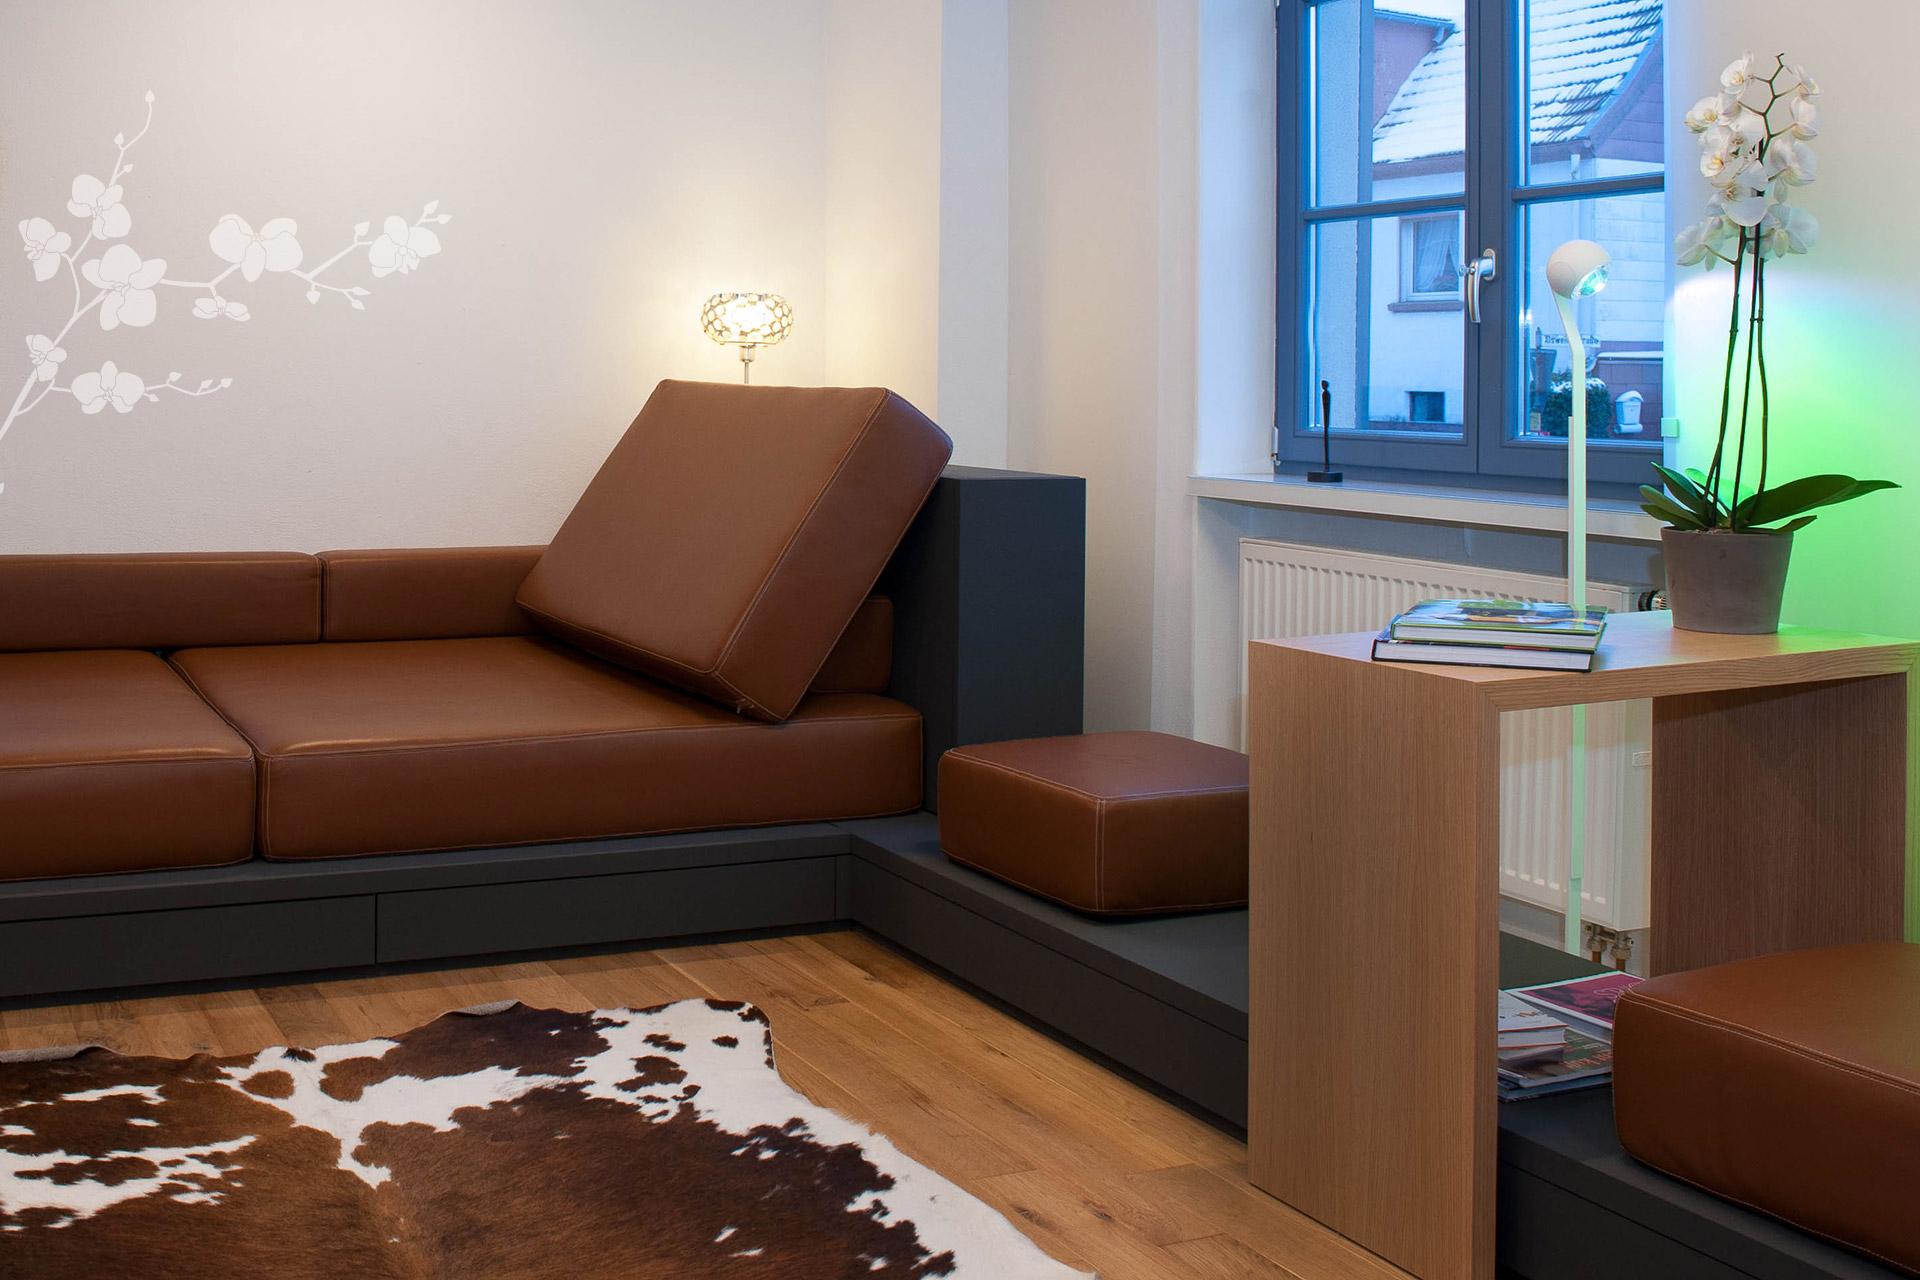 Moderne Wohnräume mit stimmiger LED Beleuchtung gestalten ...